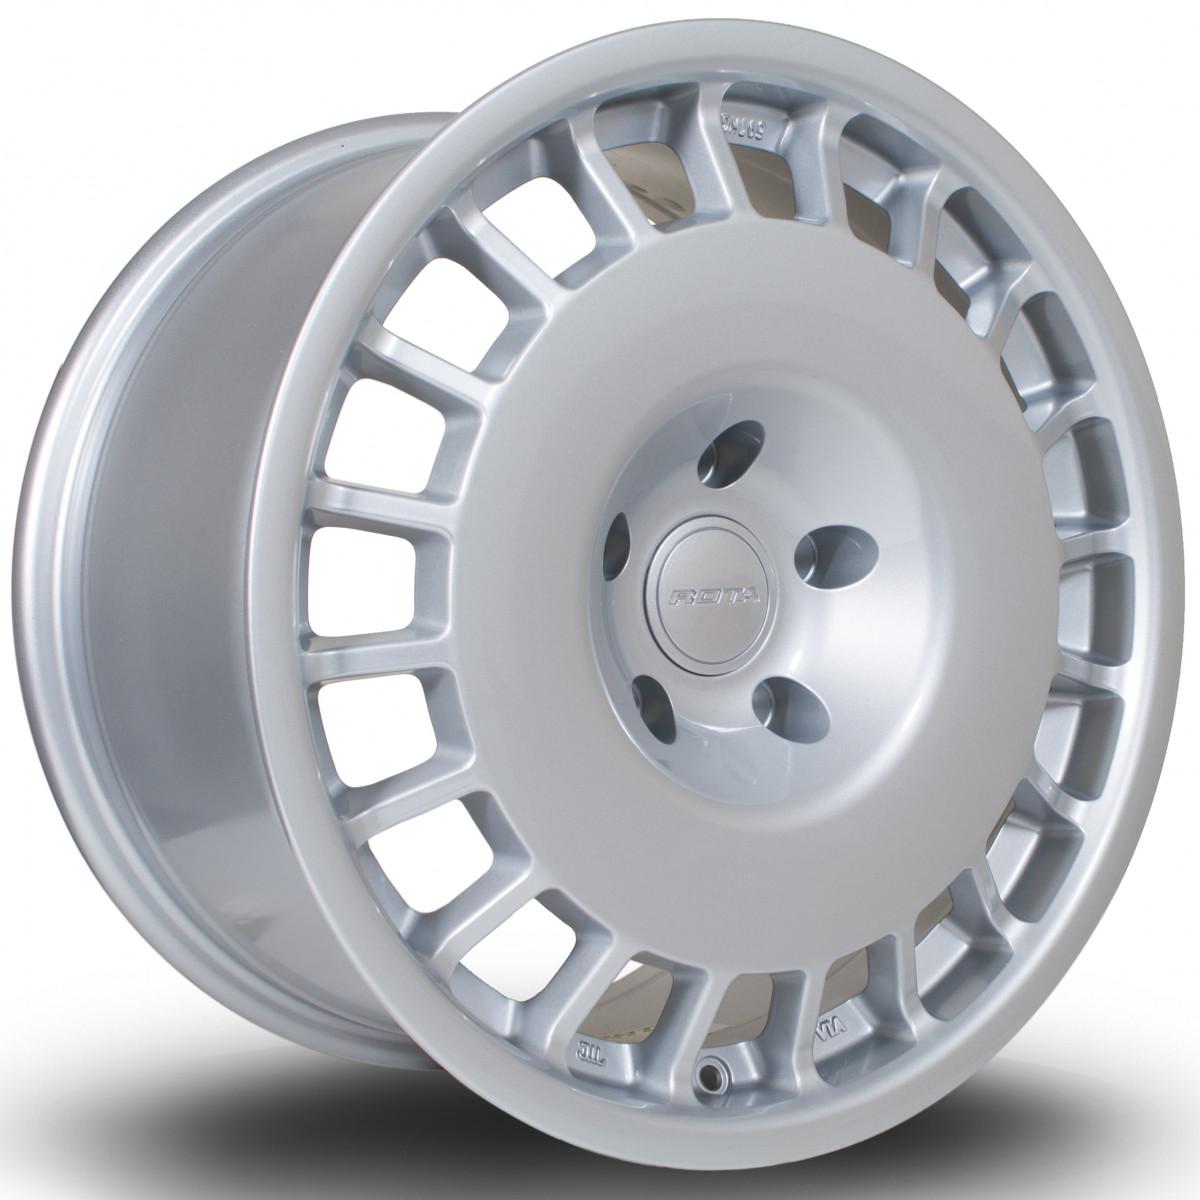 D154 17x8 4x108 ET42 Silver